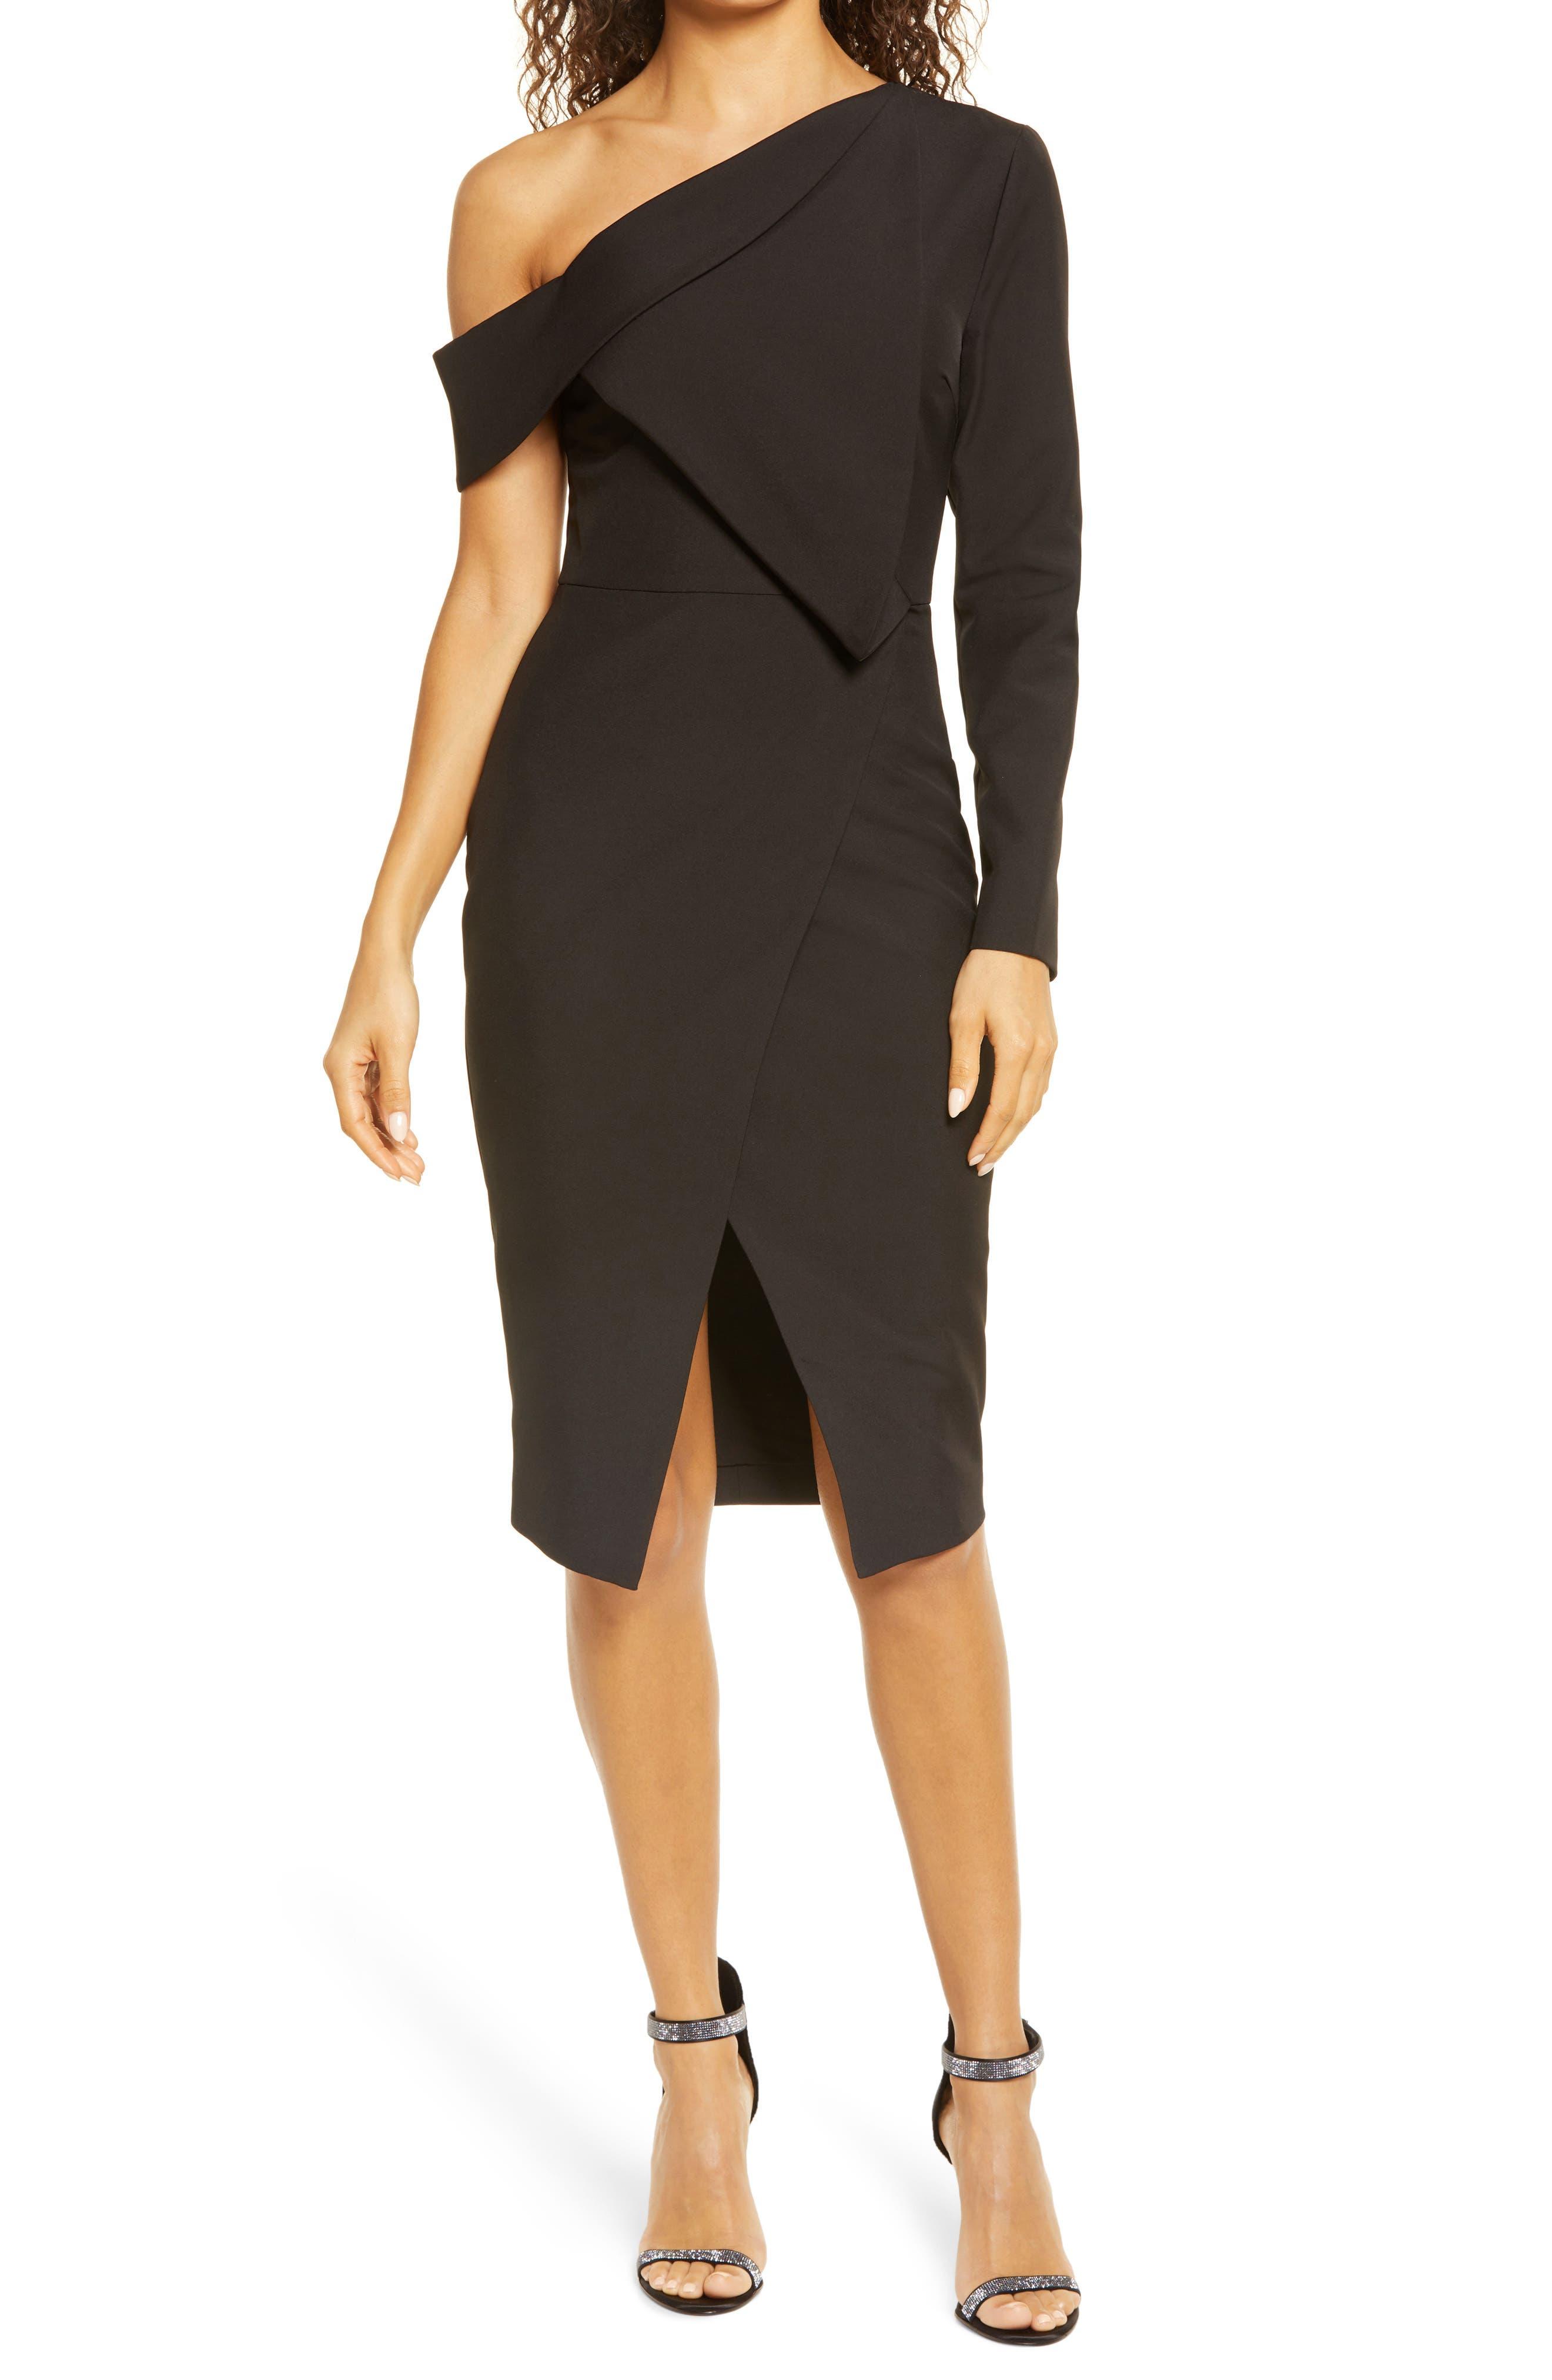 Folded Detail One Shoulder Cocktail Dress